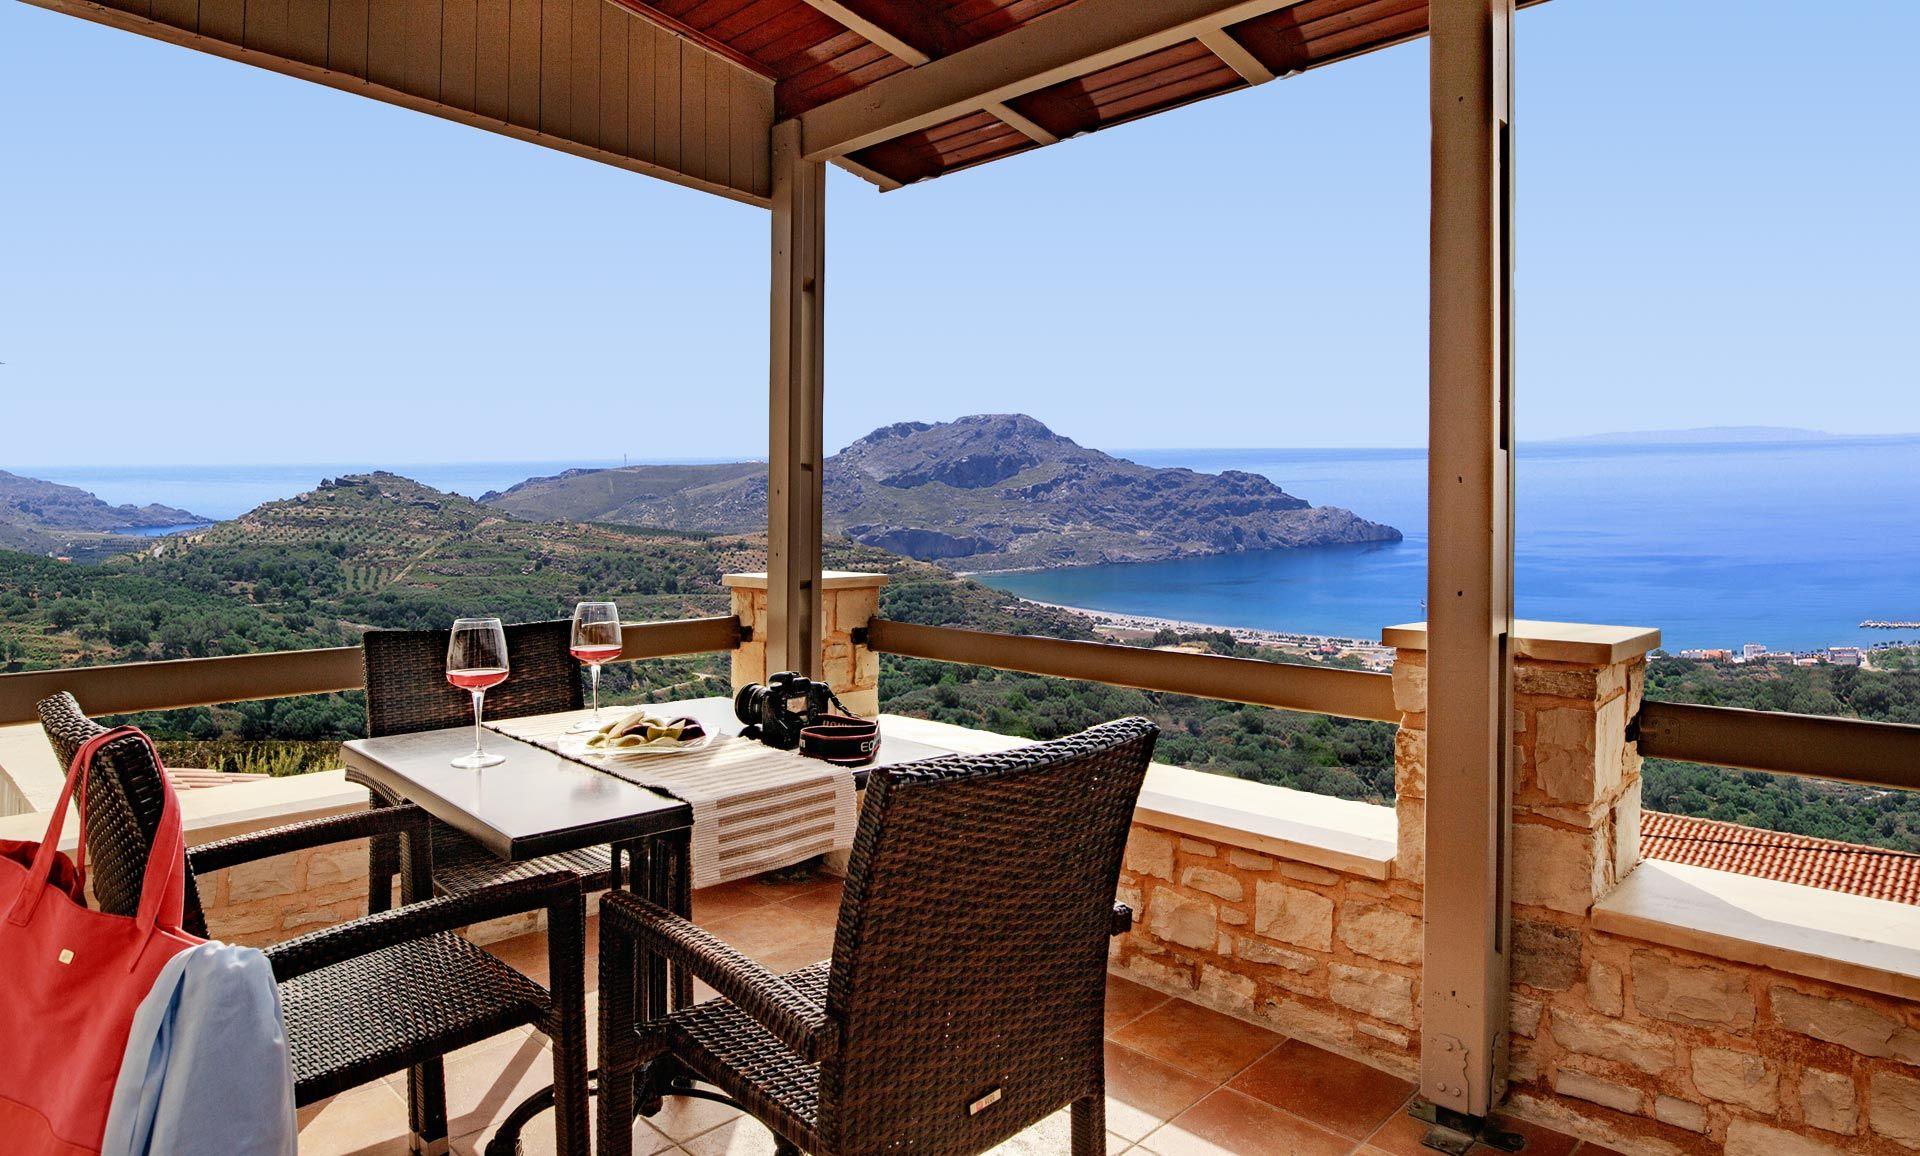 Tolle Aussicht auf die Bucht von Plakias